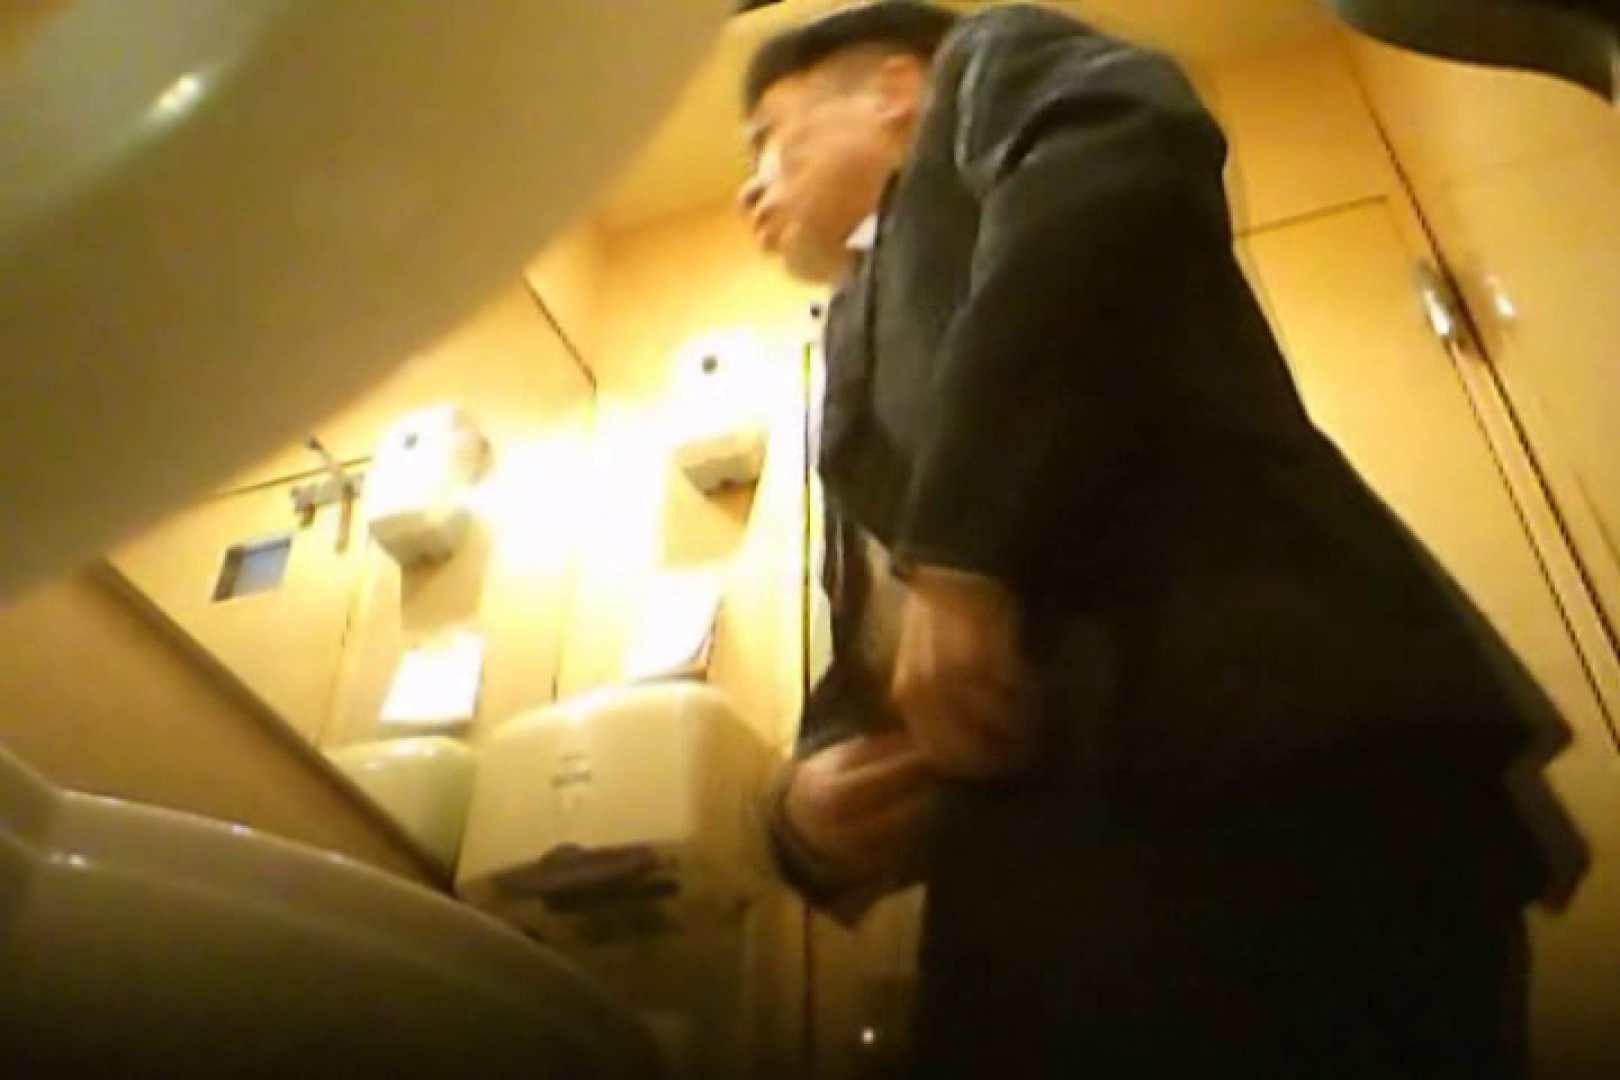 SEASON 3rd!掴み取りさんの洗面所覗き!in新幹線!VOL.16 スジ筋系男子 ゲイ無修正動画画像 96枚 94